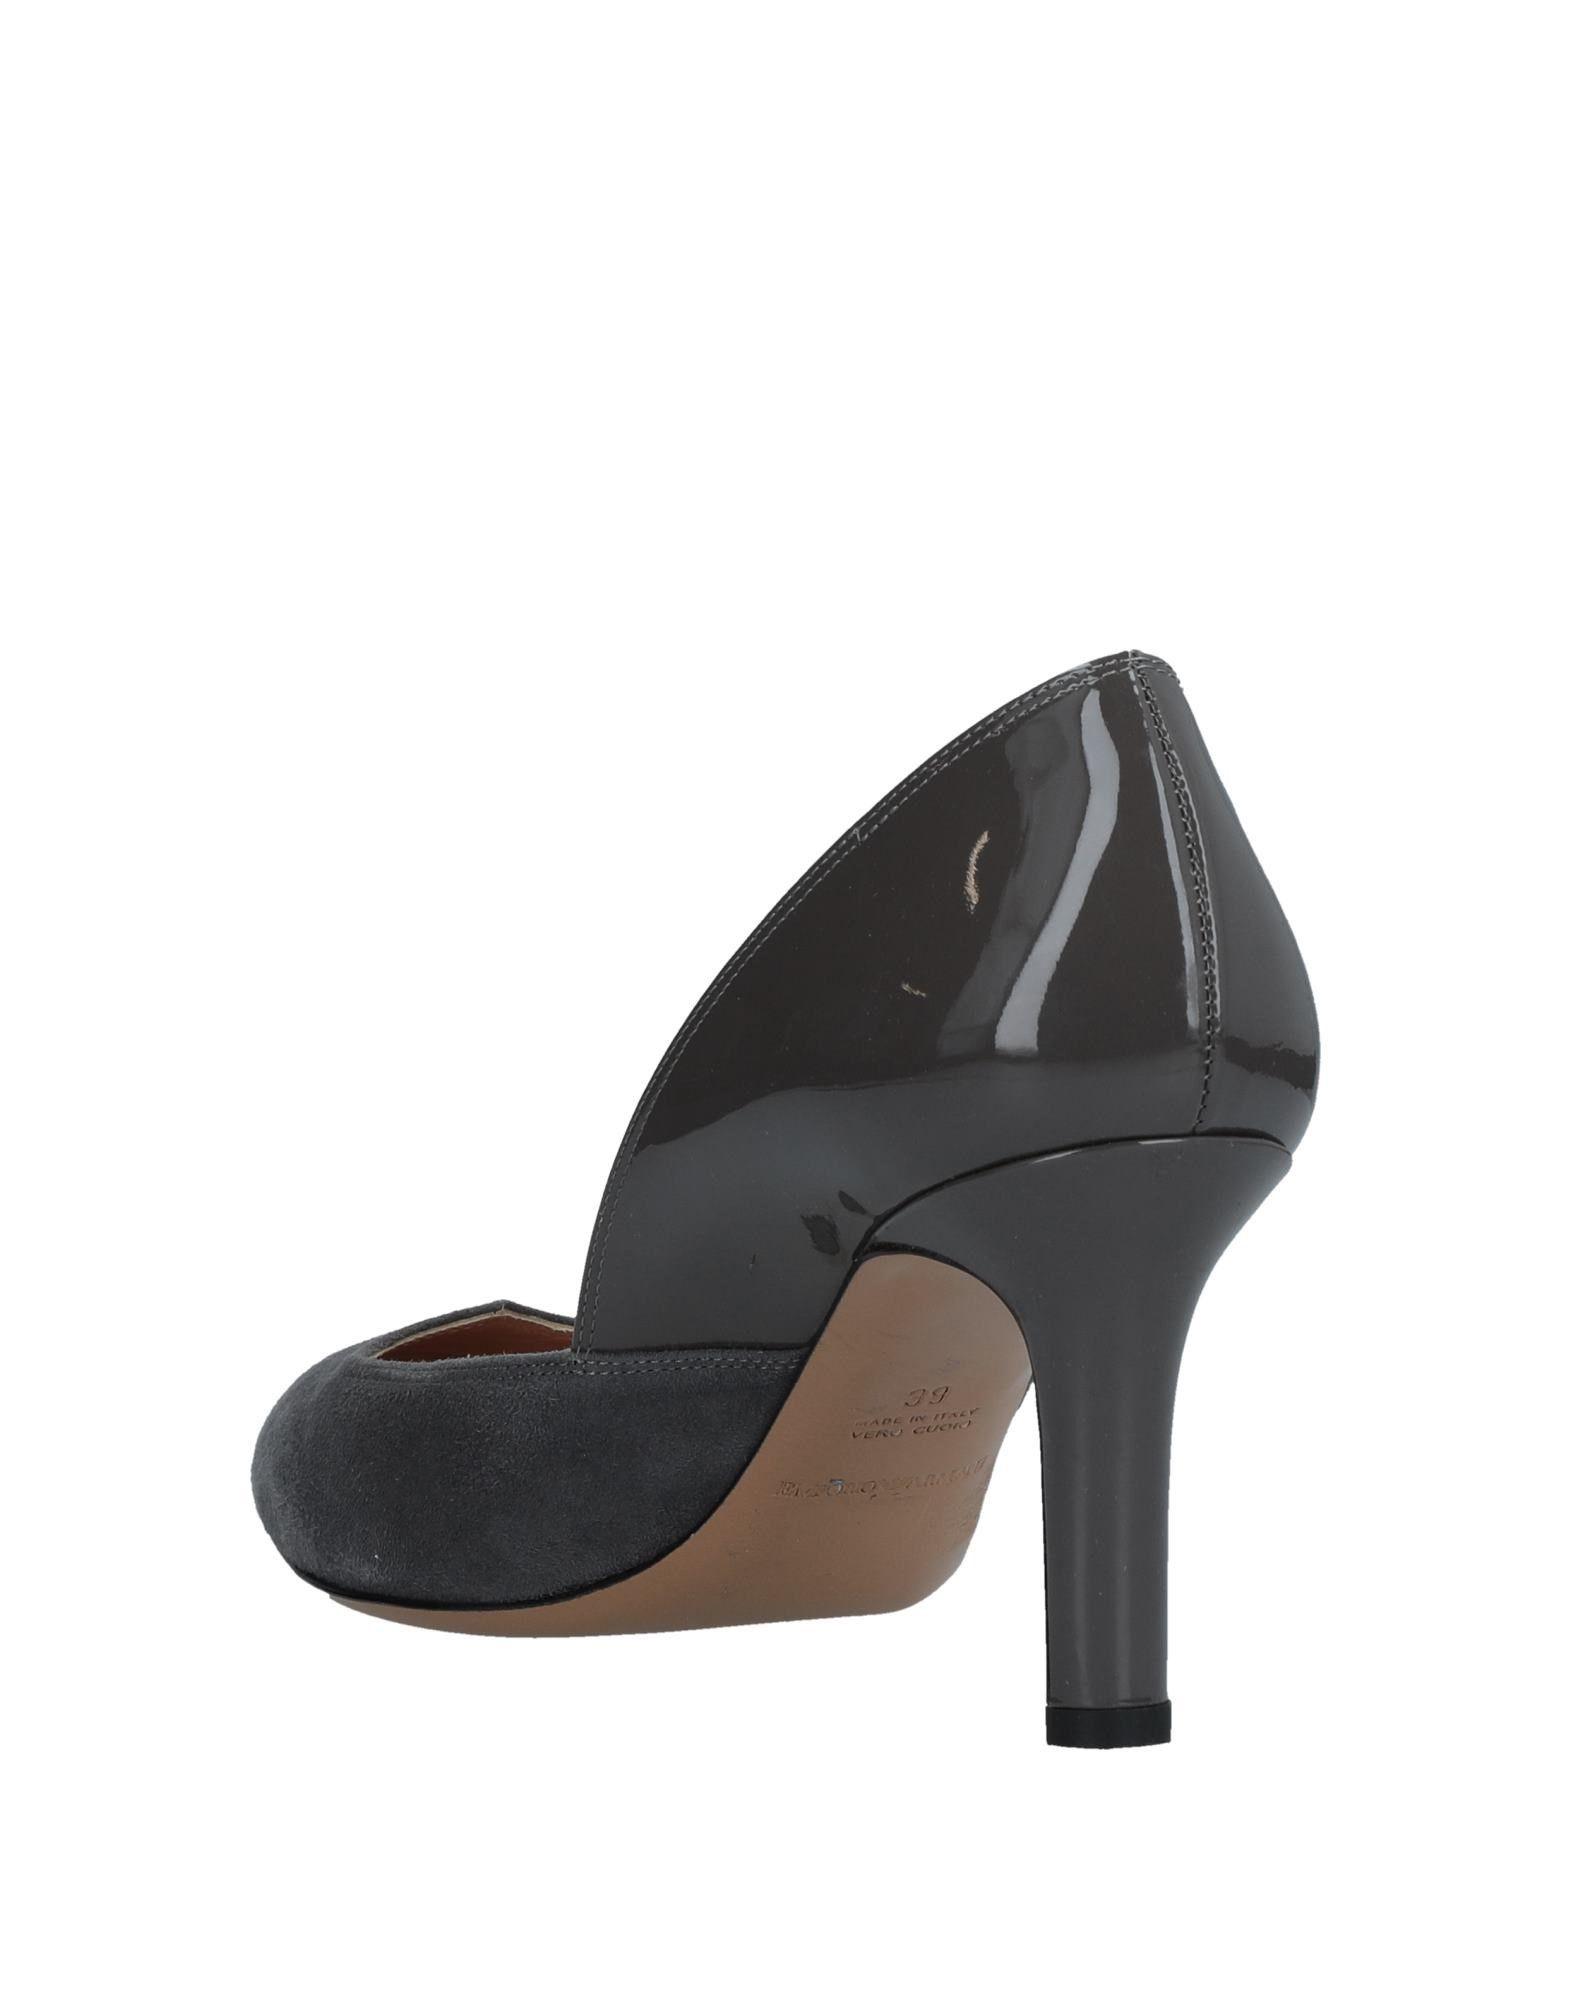 Rabatt Damen Schuhe Emporio Armani Pumps Damen Rabatt  11526683CN 688150